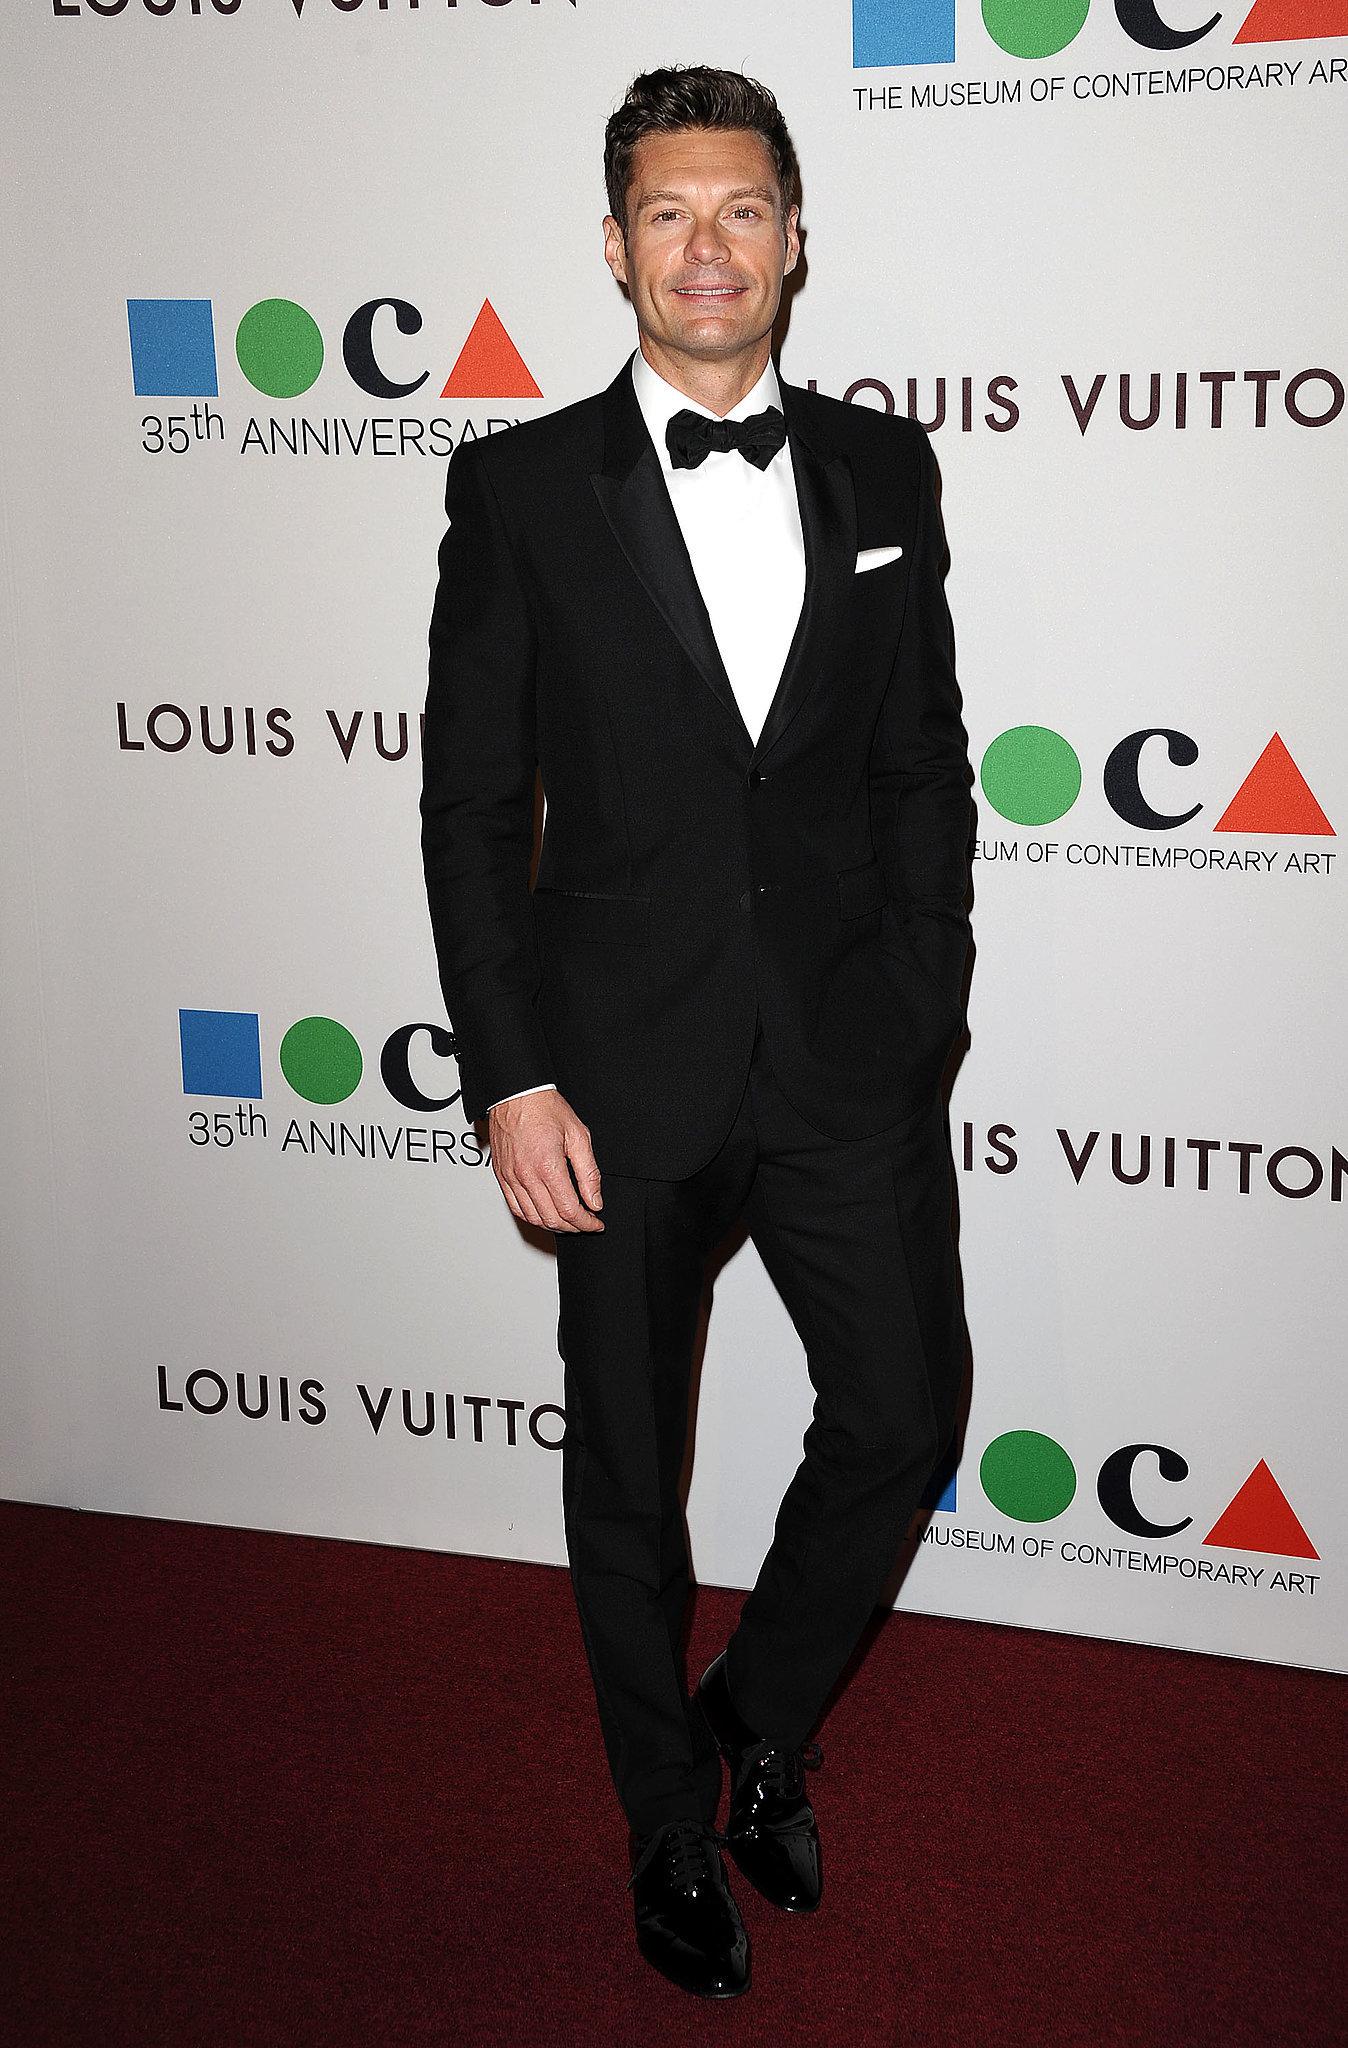 Ryan Seacrest looked dapper in a tux.